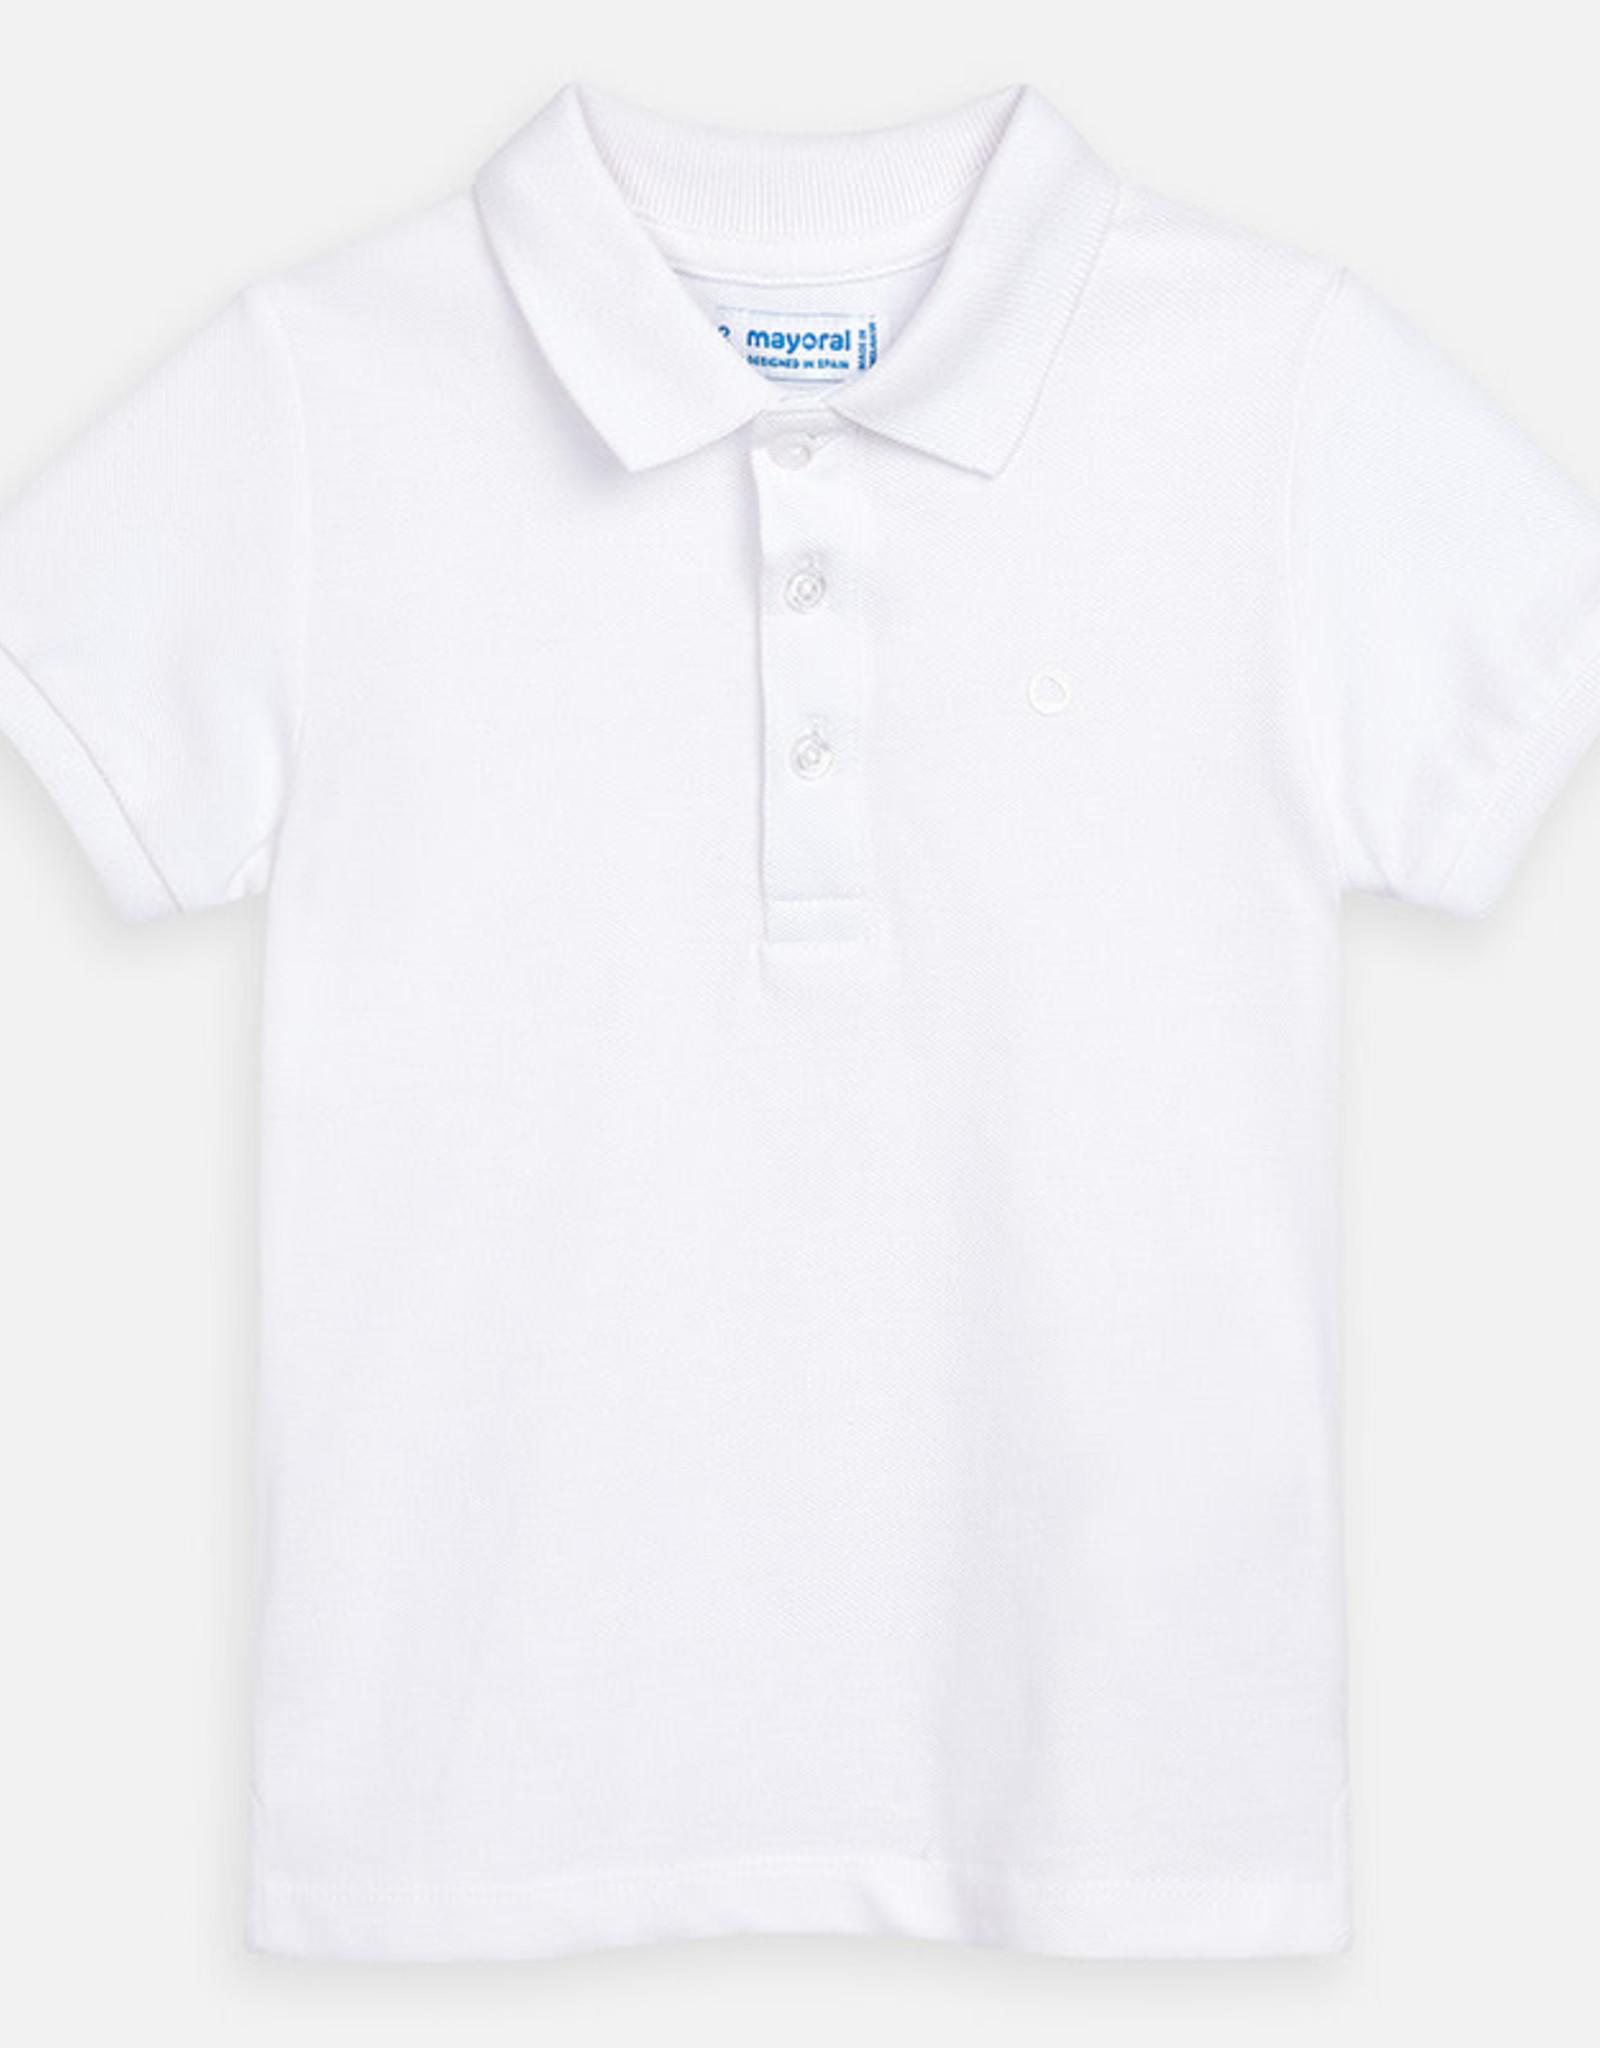 Mayoral Short Sleeve Polo Shirt - White